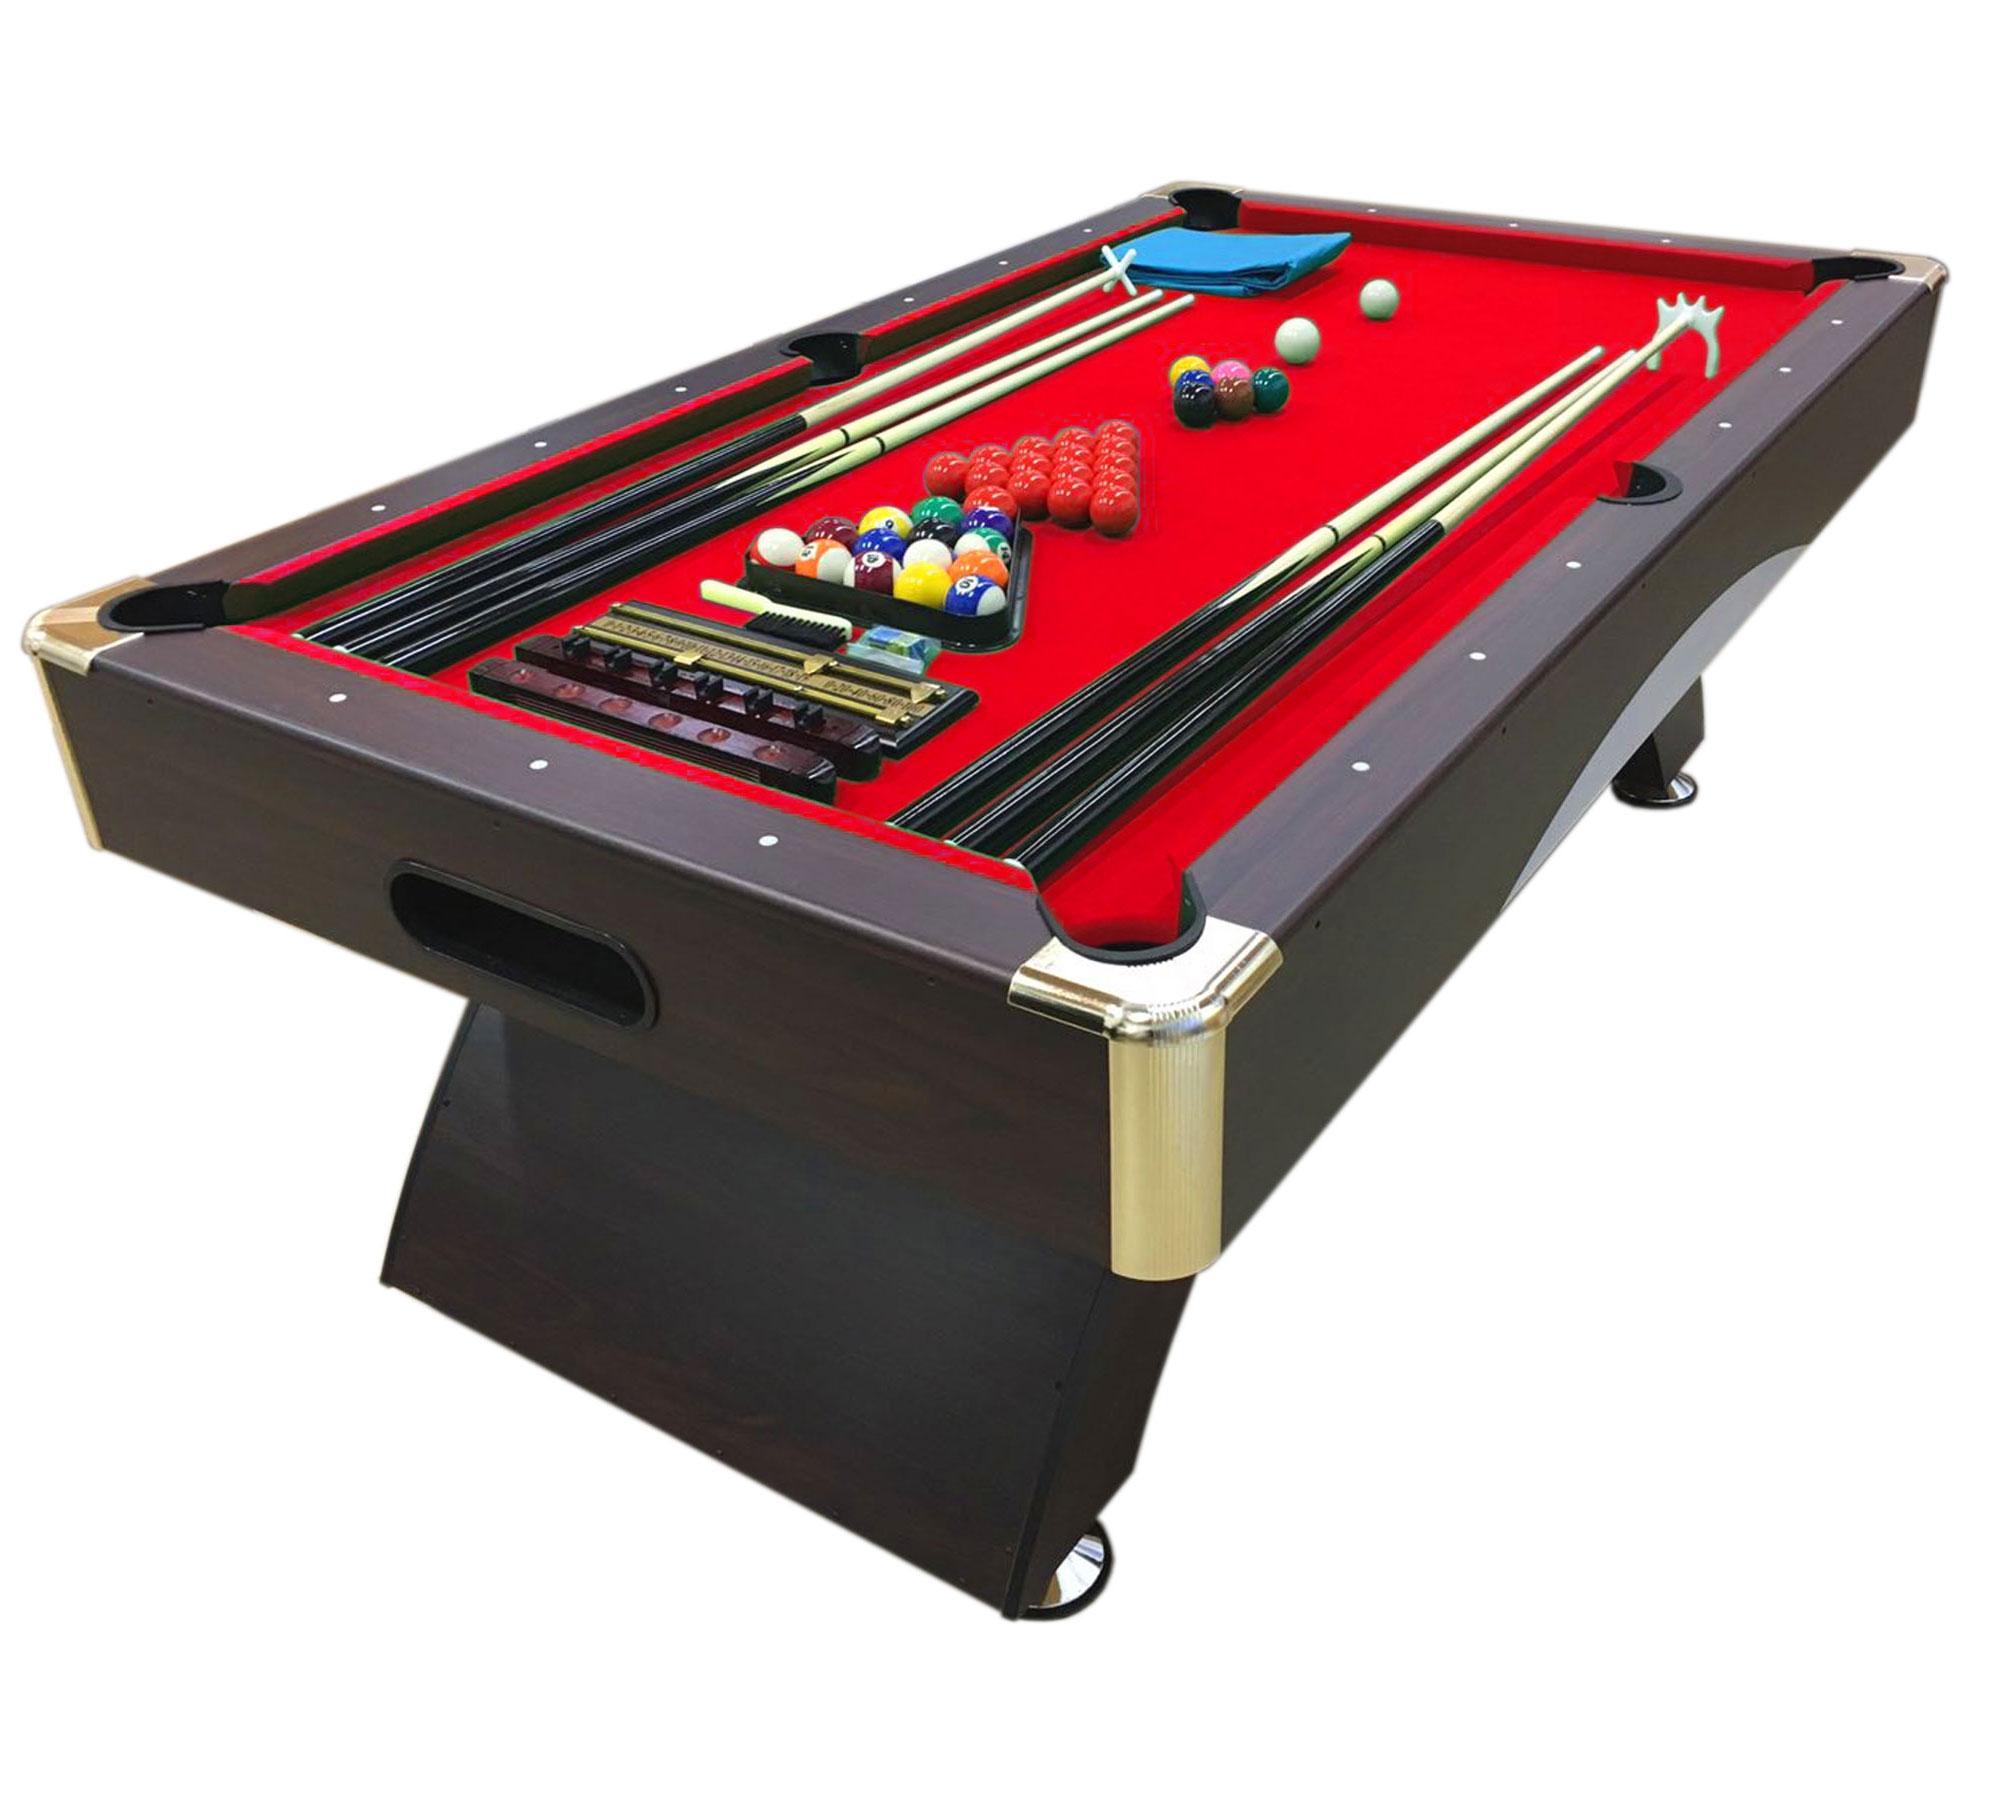 8 FT Caesar Full Optional   Red Carpet Pool Table Billiards    Simbashopping.com/en